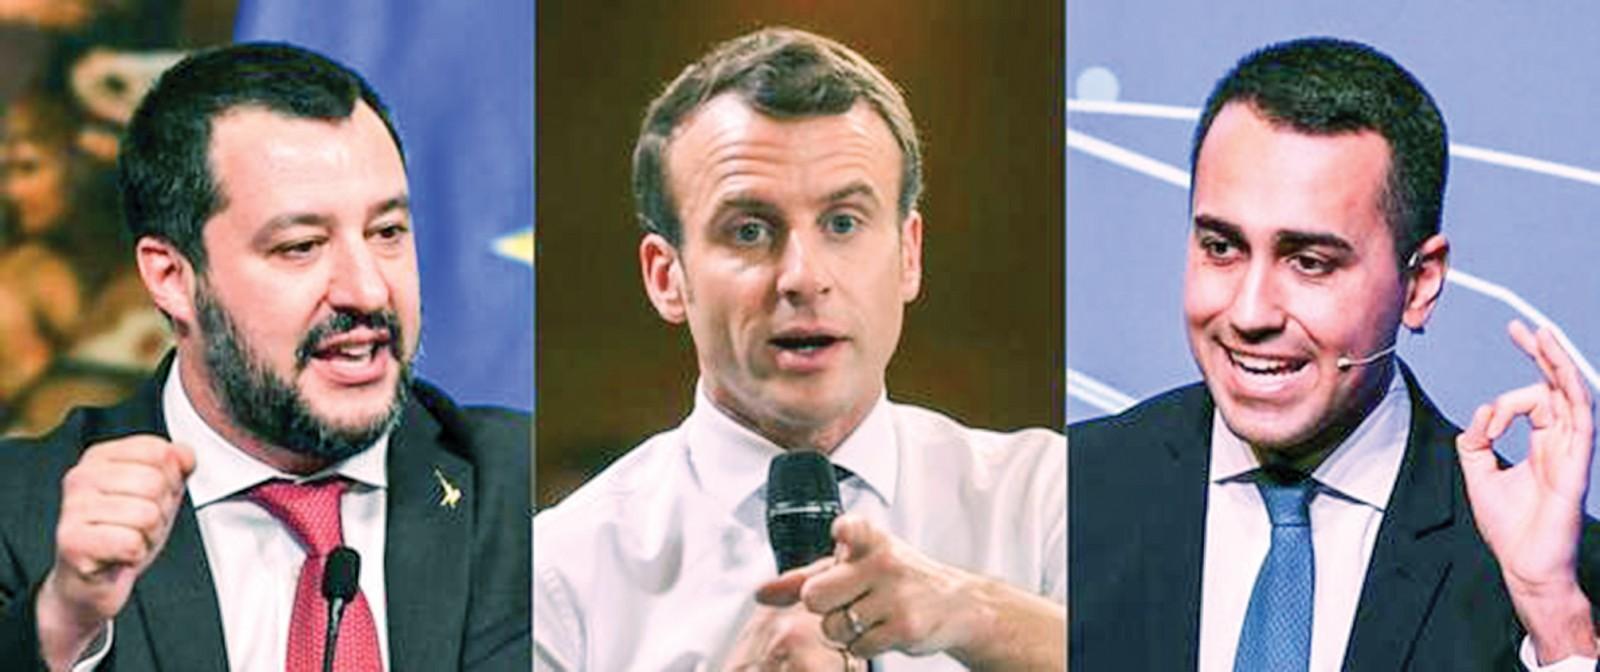 Tổng thống Pháp Macron (giữa) cùng hai phó thủ tướng Ý Salvini (trái) và Di Maio. Ảnh: AFP